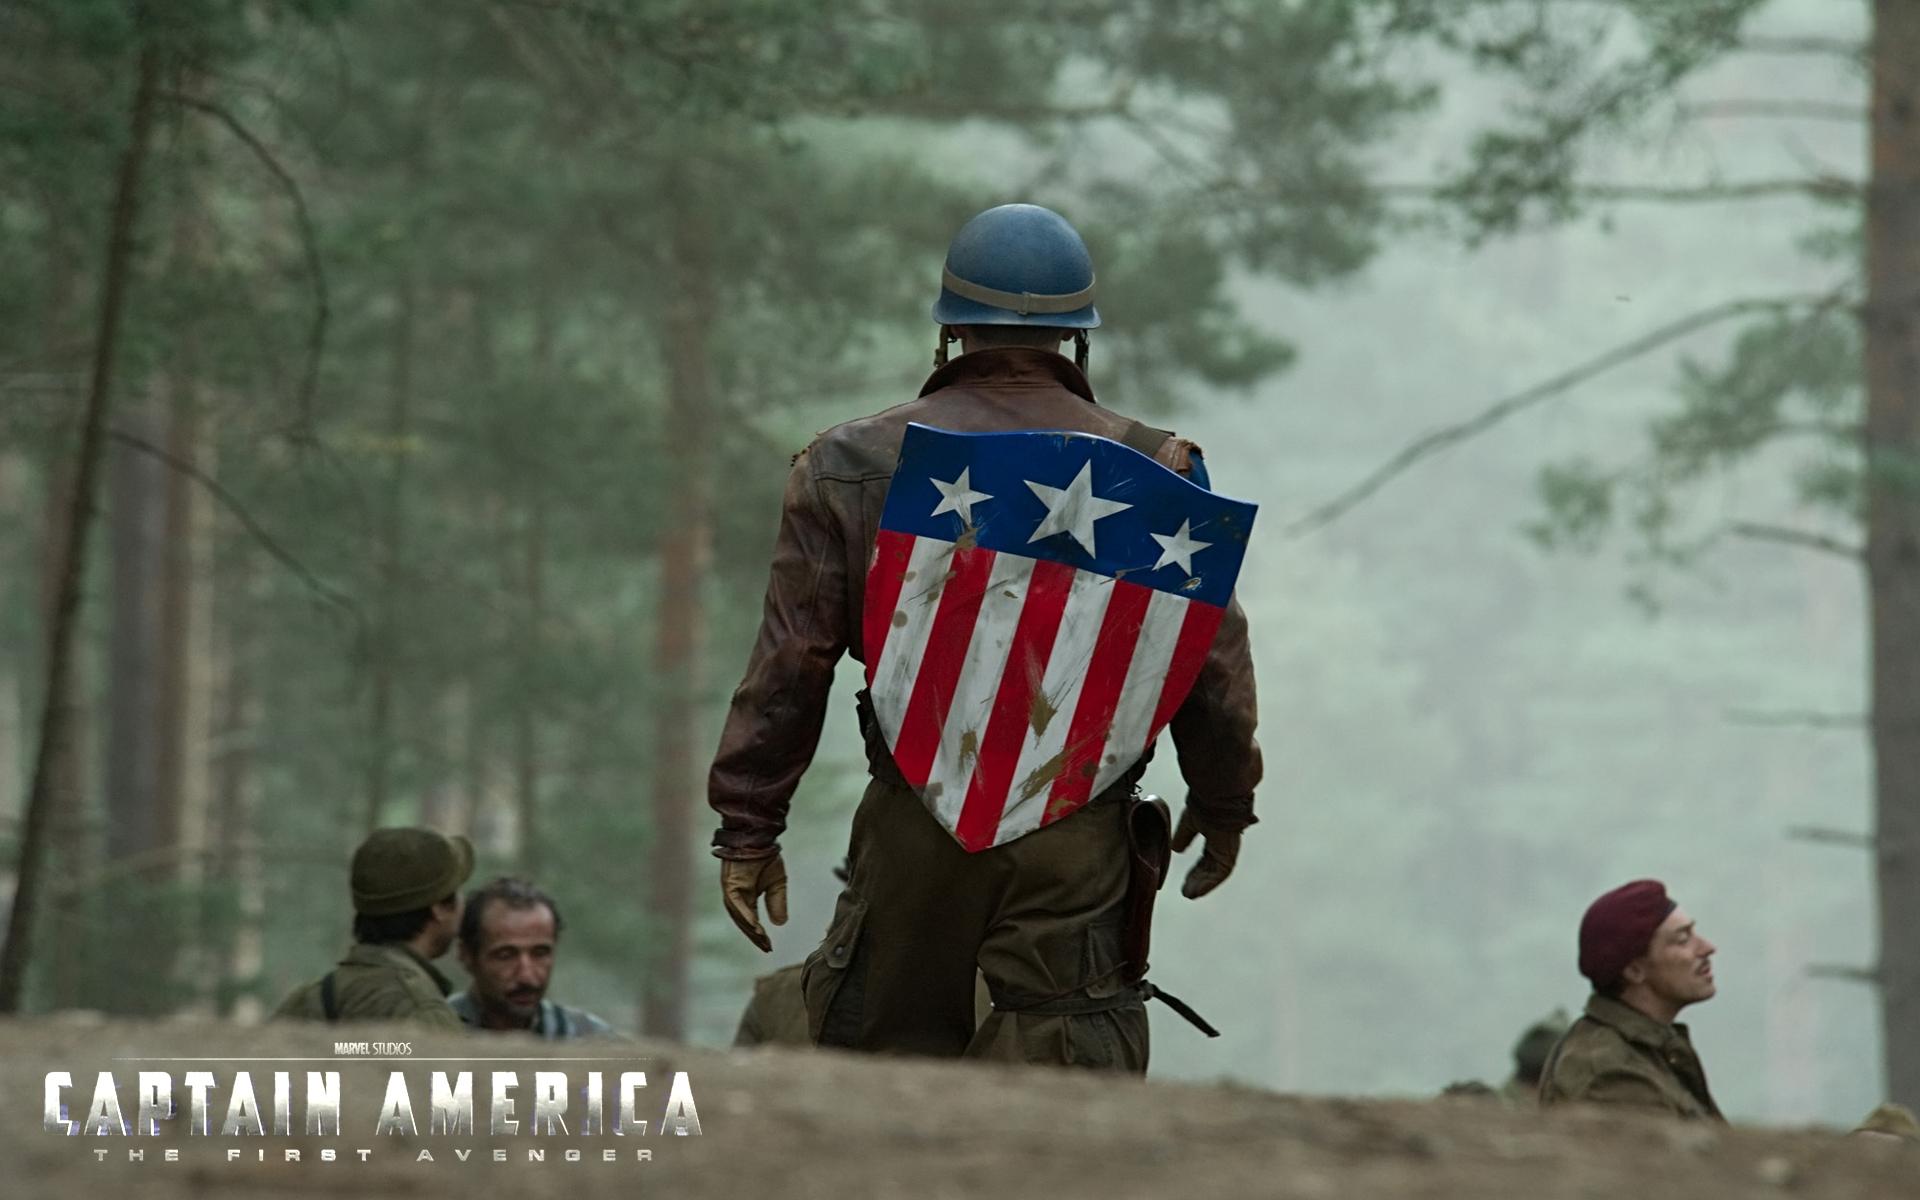 Captain America First Avenger Wallpaper 4k - HD Wallpaper